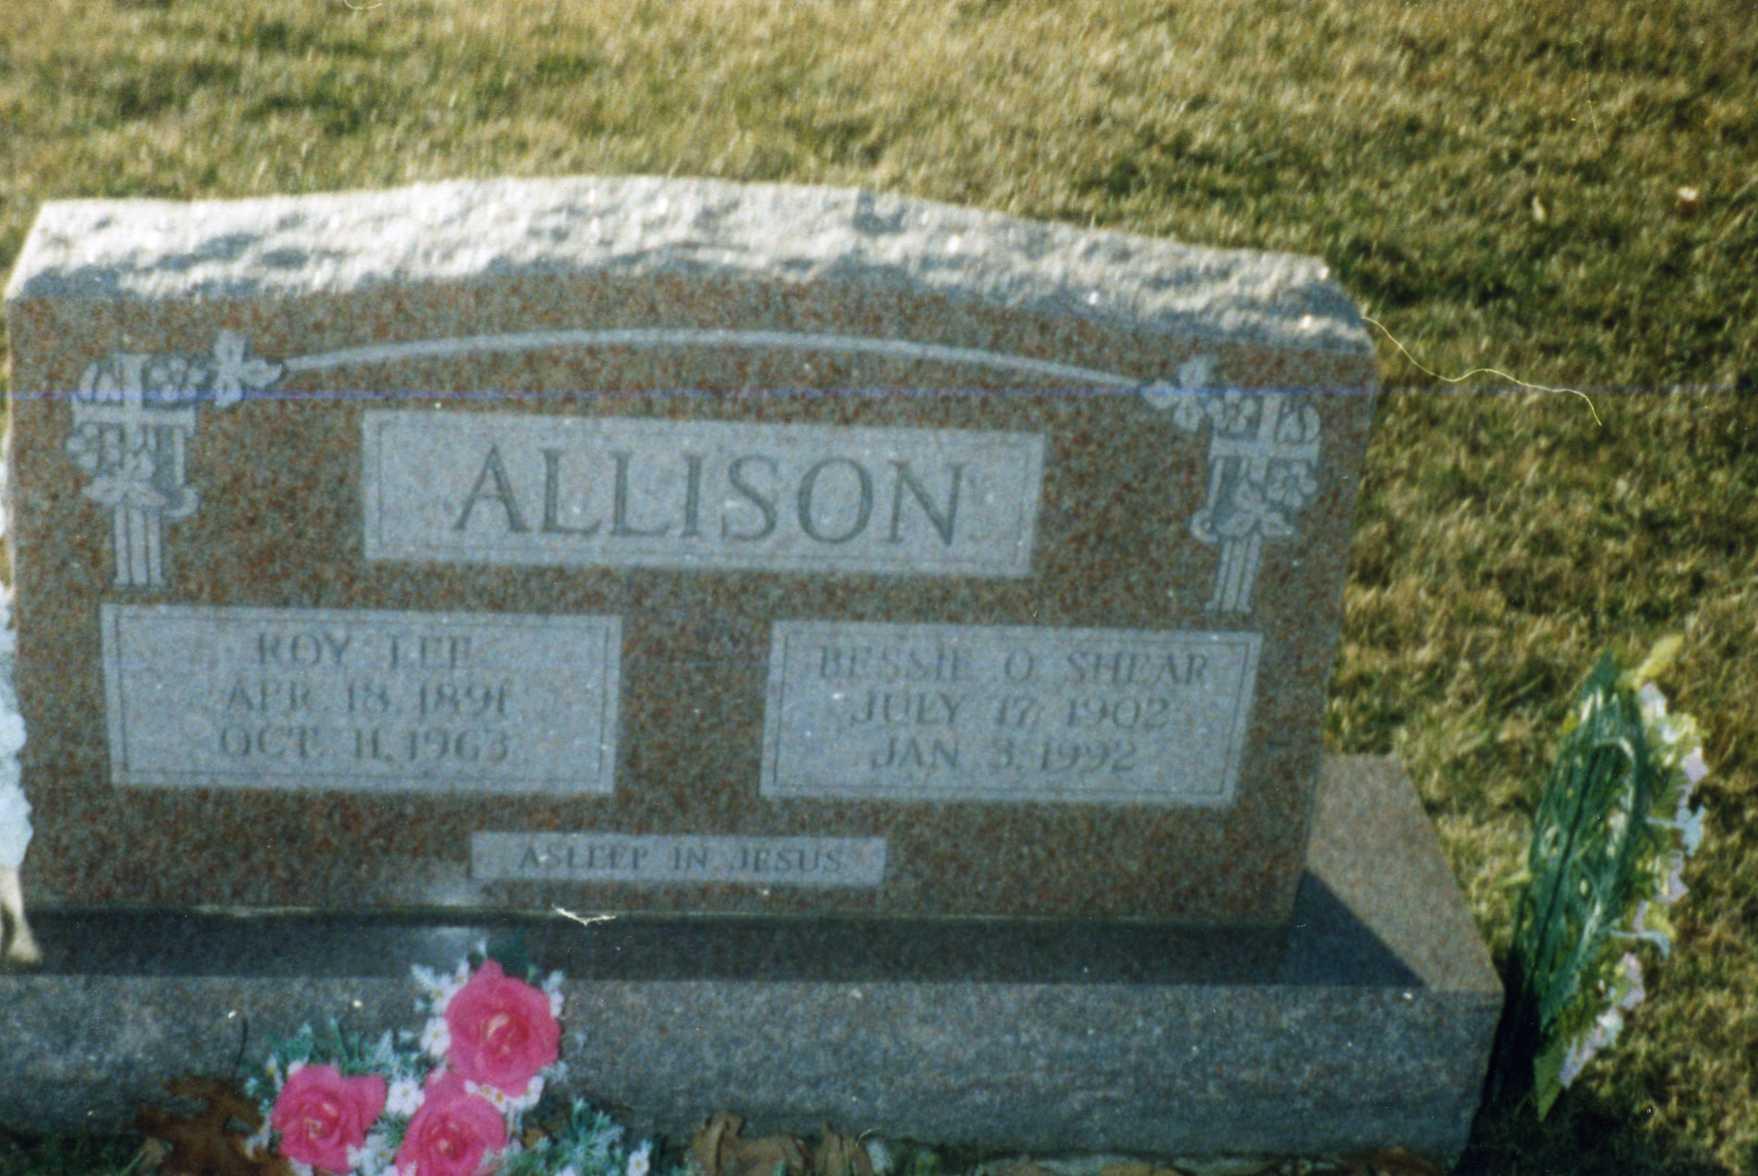 Bessie Oneta <i>Shear</i> Allison